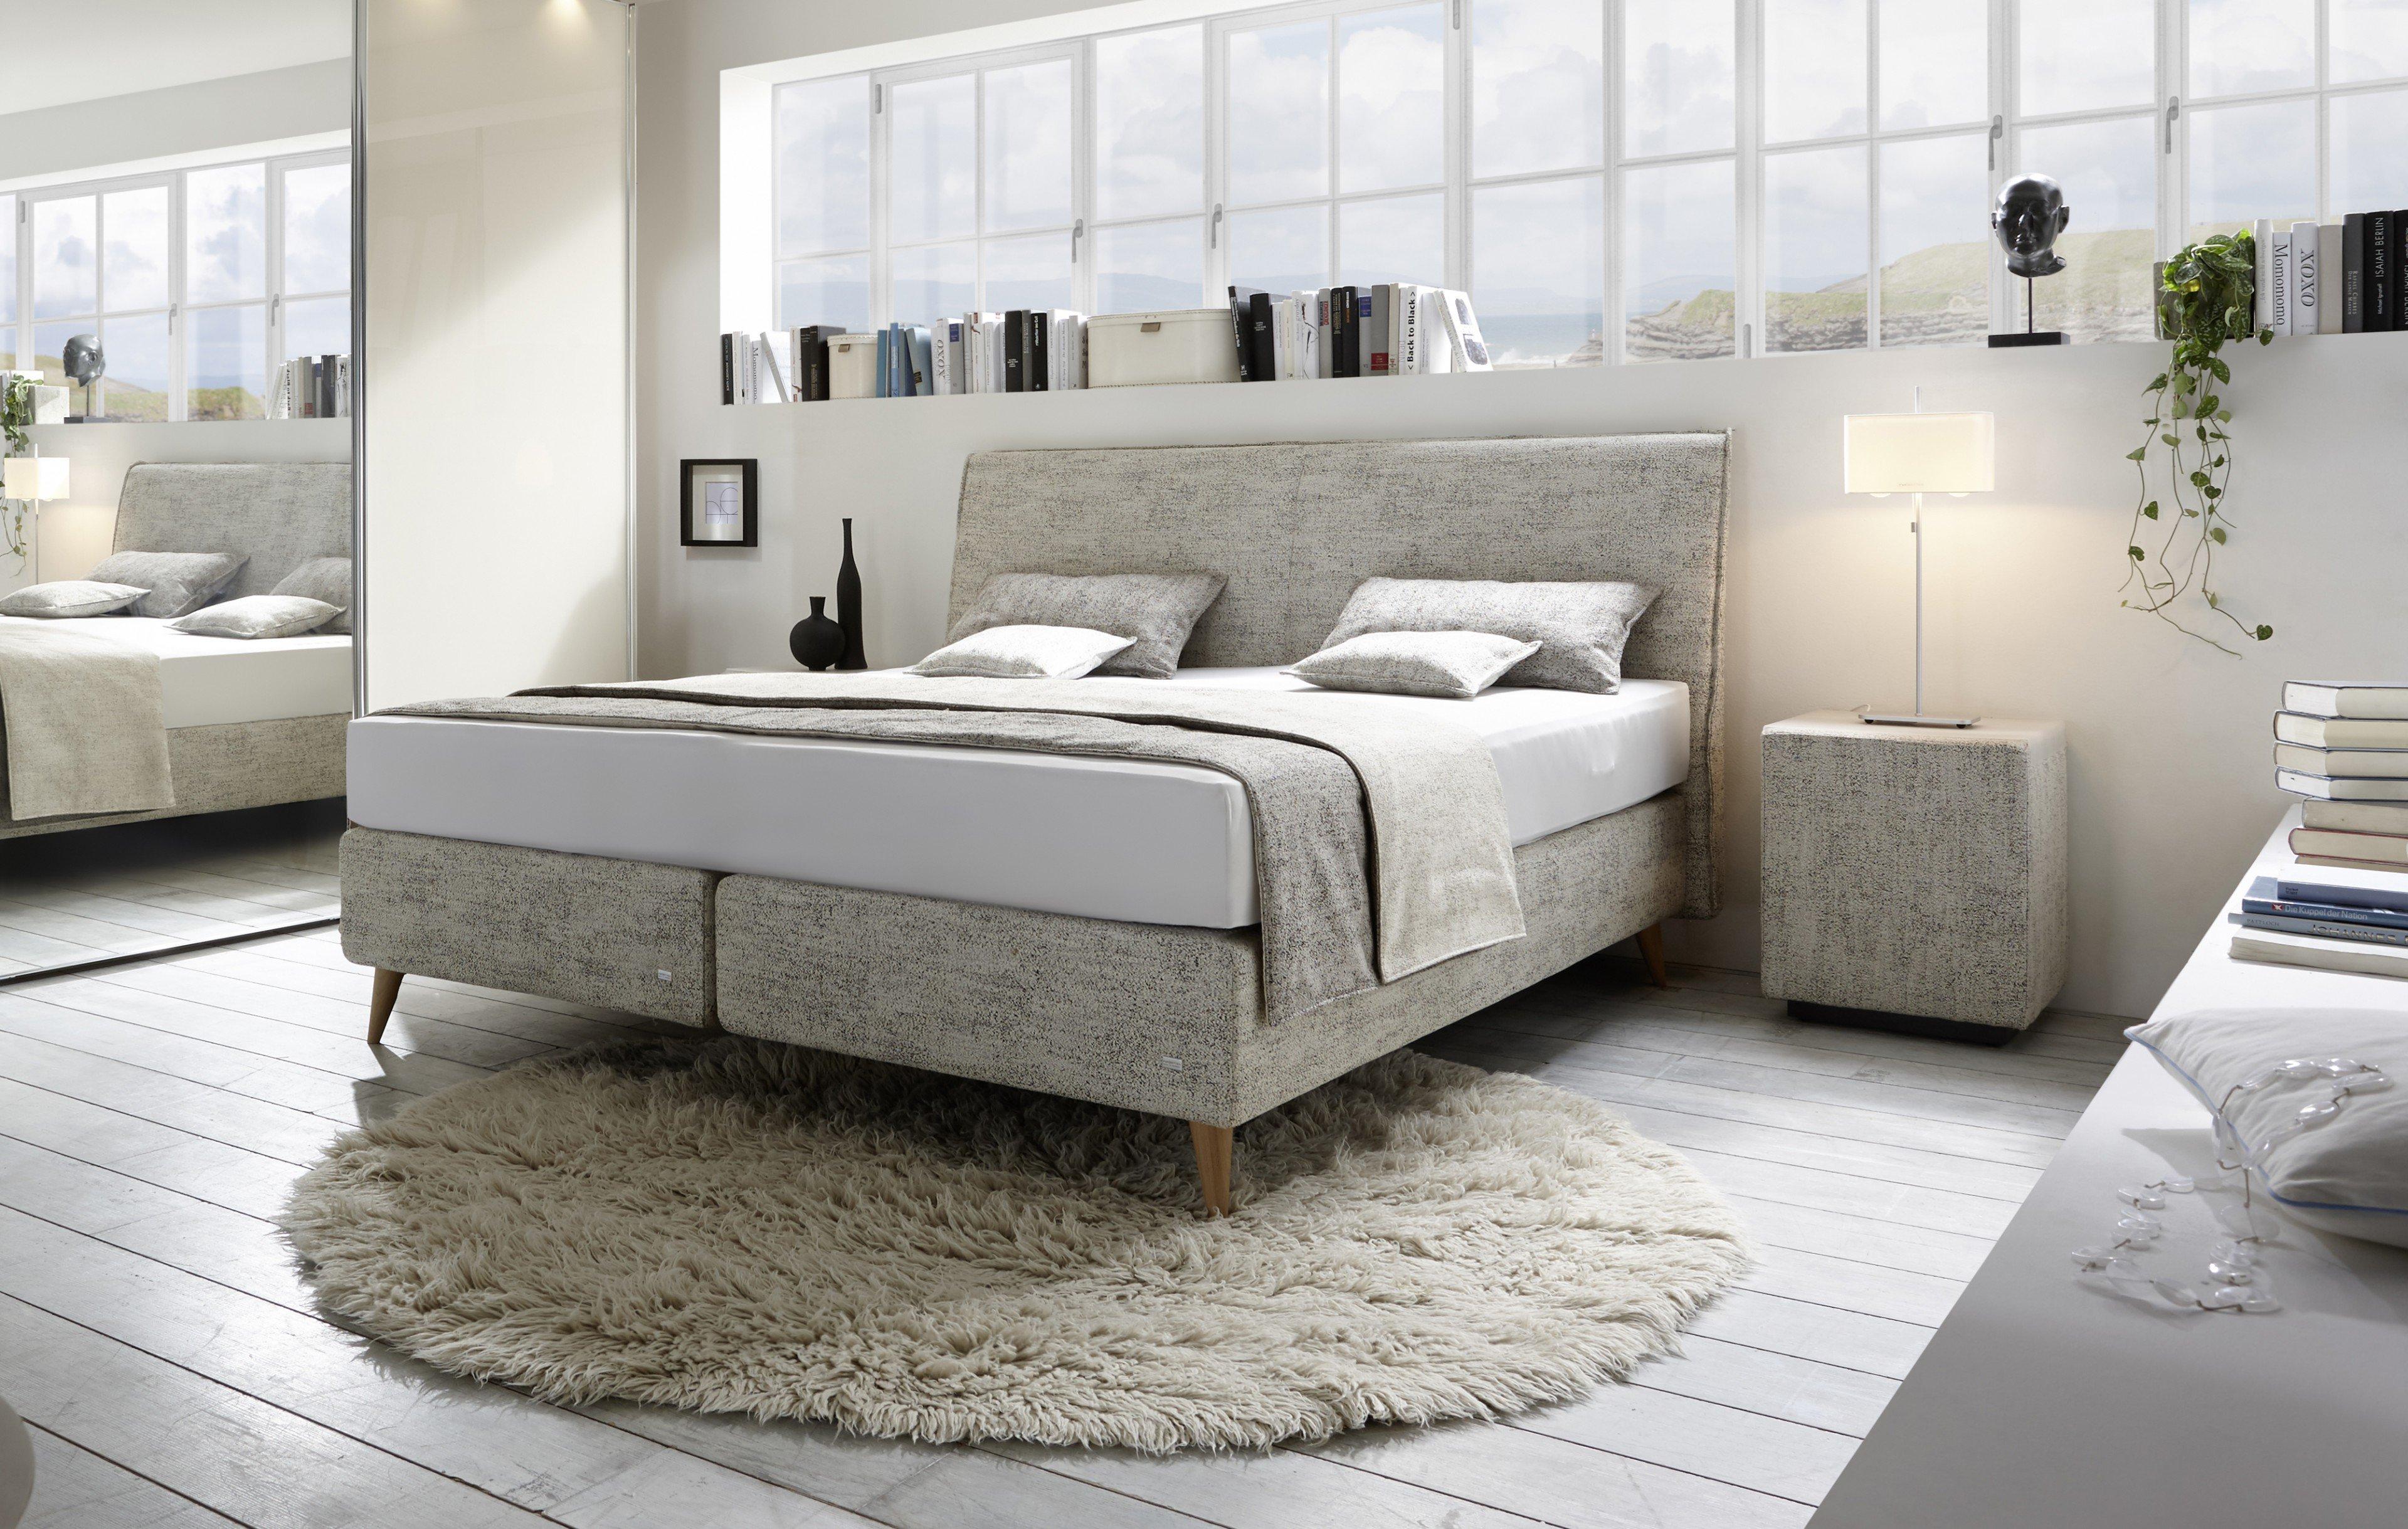 ruf amado boxspringbett in beige mit geradem kopfteil m bel letz ihr online shop. Black Bedroom Furniture Sets. Home Design Ideas